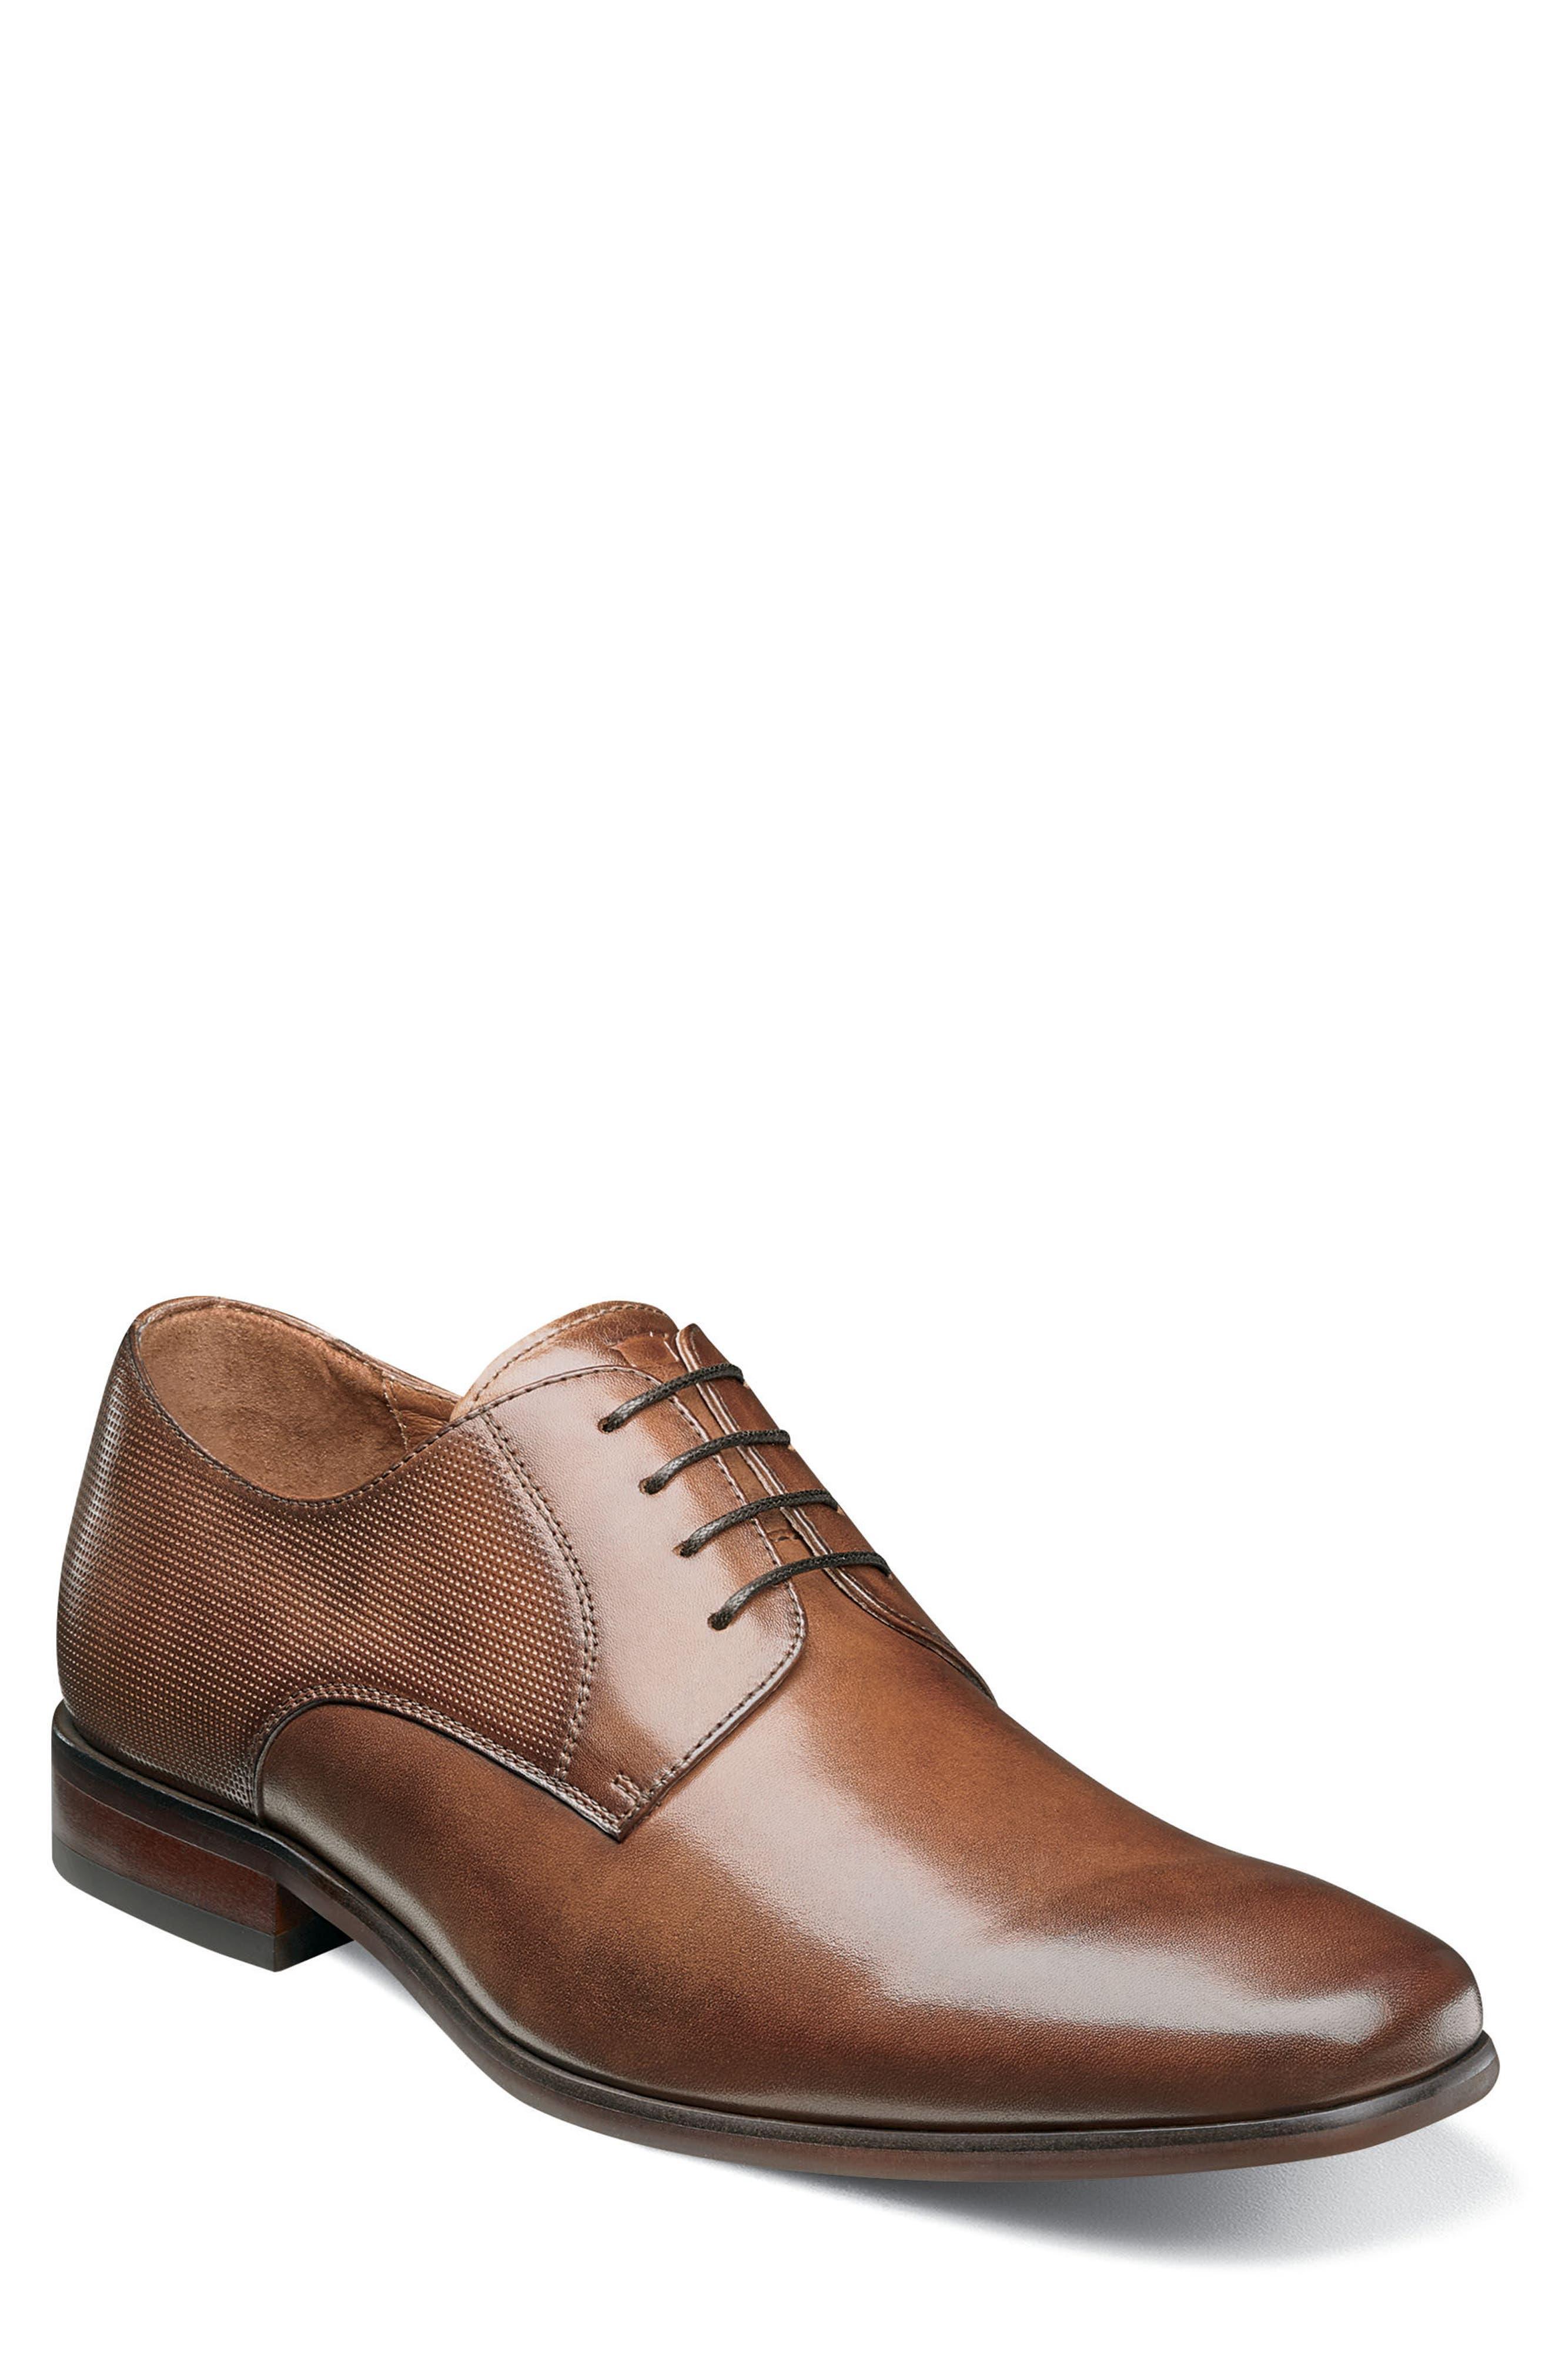 FLORSHEIM Postino Textured Plain Toe Derby, Main, color, COGNAC LEATHER